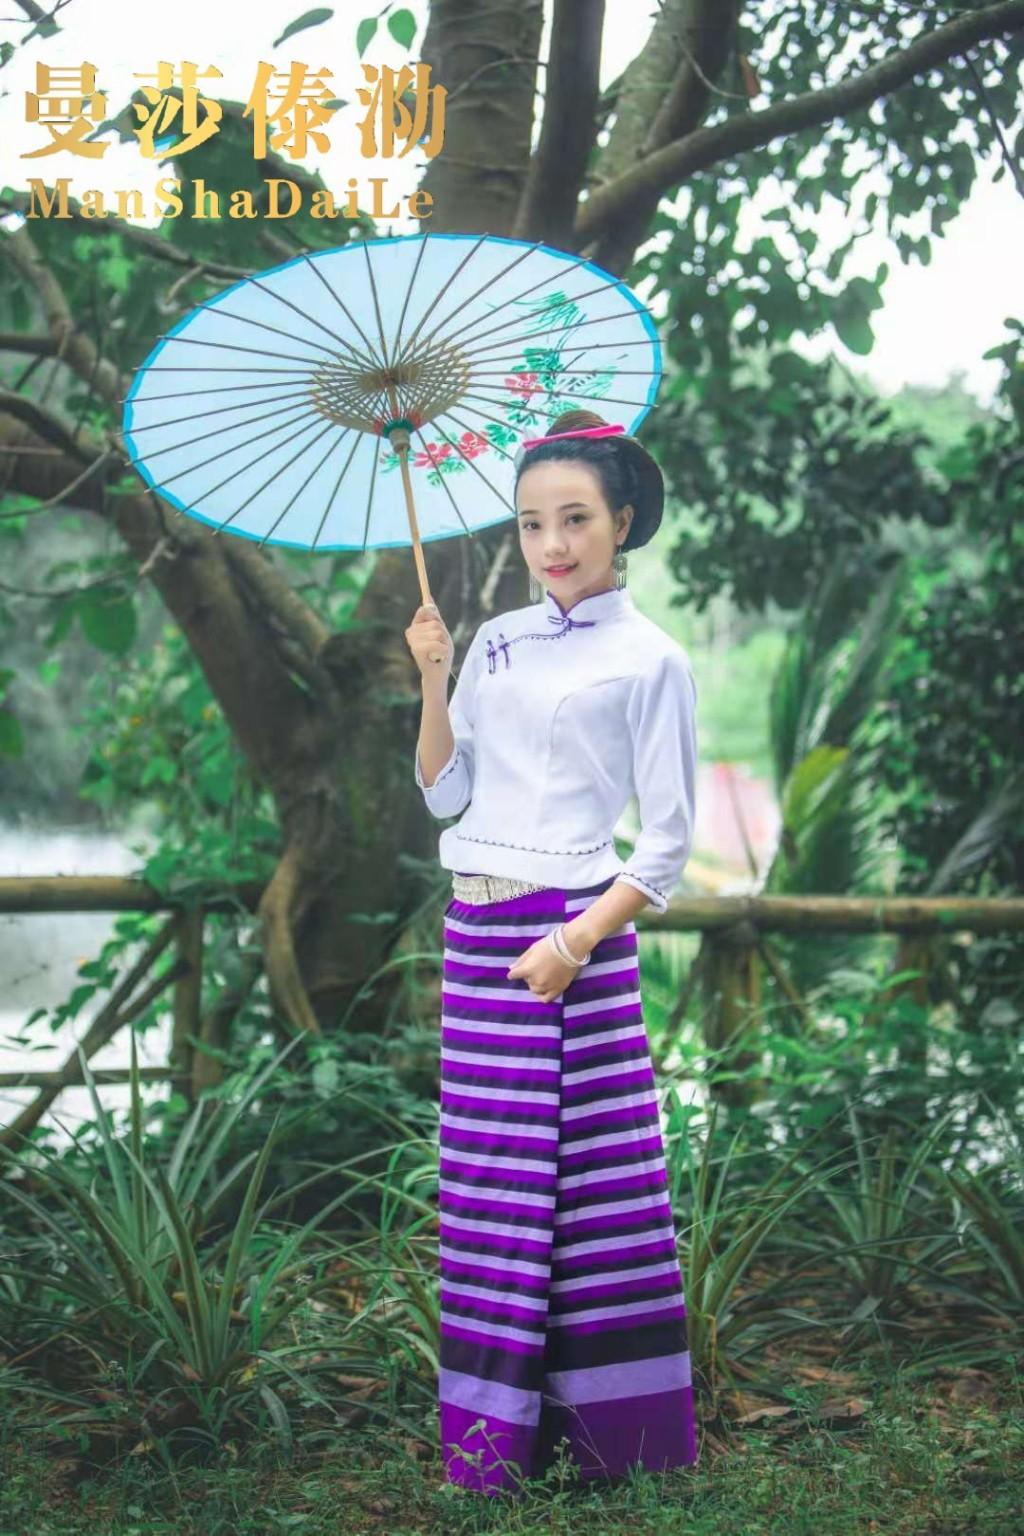 曼莎傣泐380夏季新品西双版纳傣族女装舞蹈日常服民族服饰母亲节1